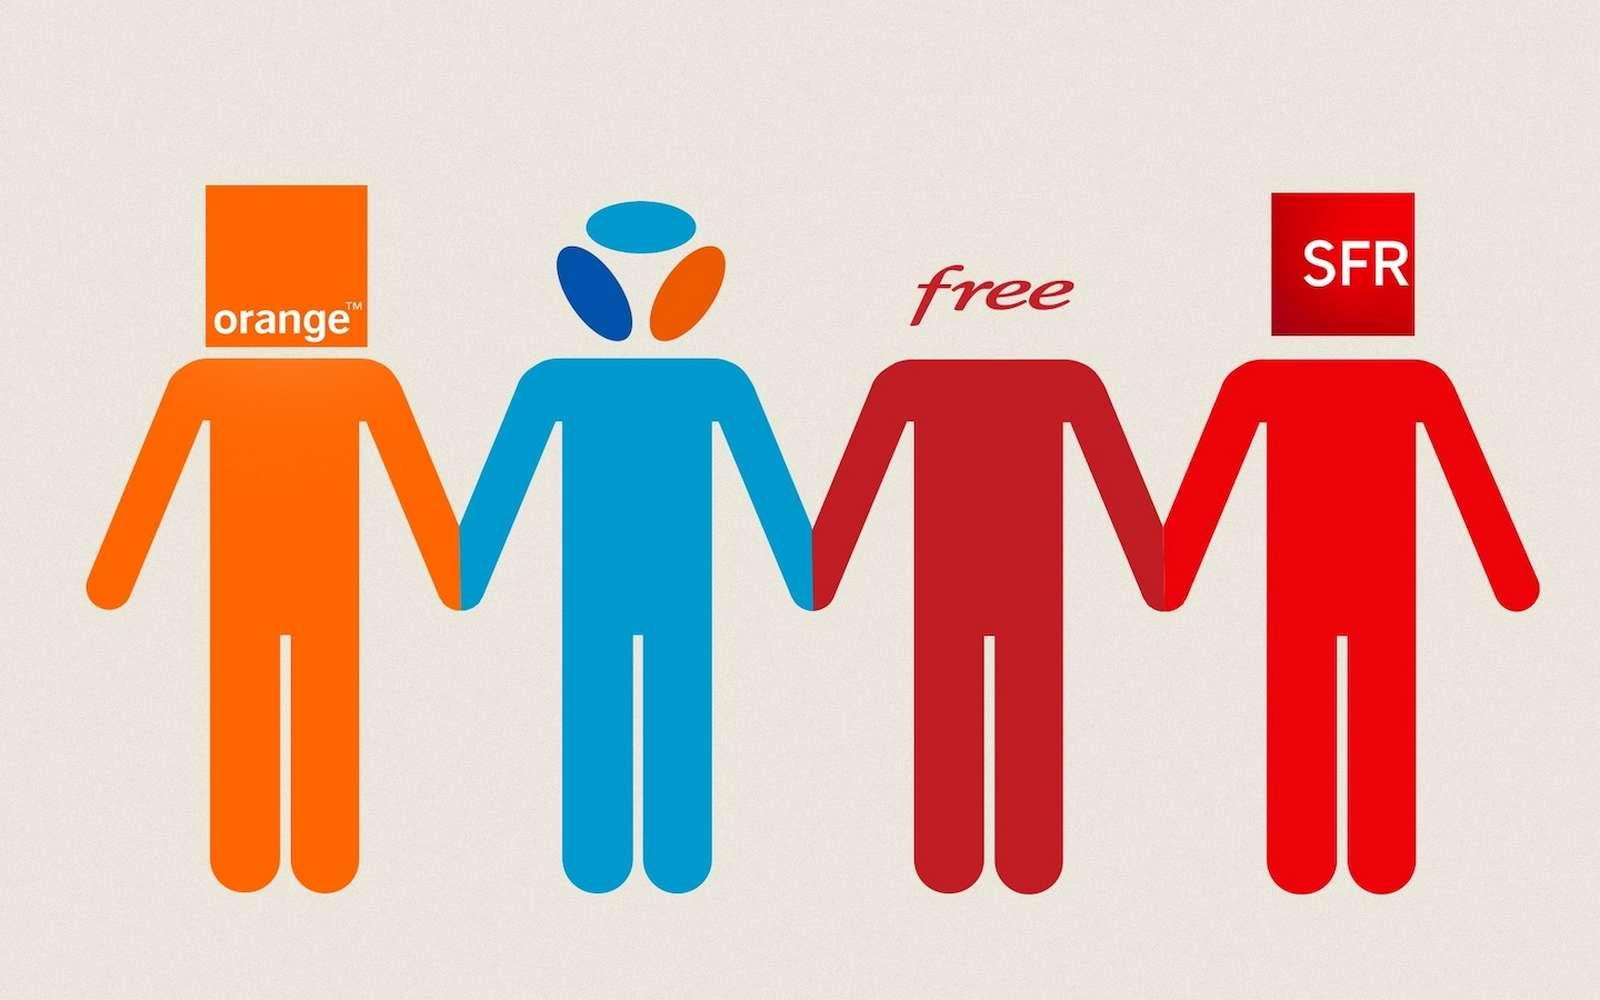 Le mois de janvier confirme la bonne santé d'Orange et de son offre low cost Sosh. © MonPetitForfait